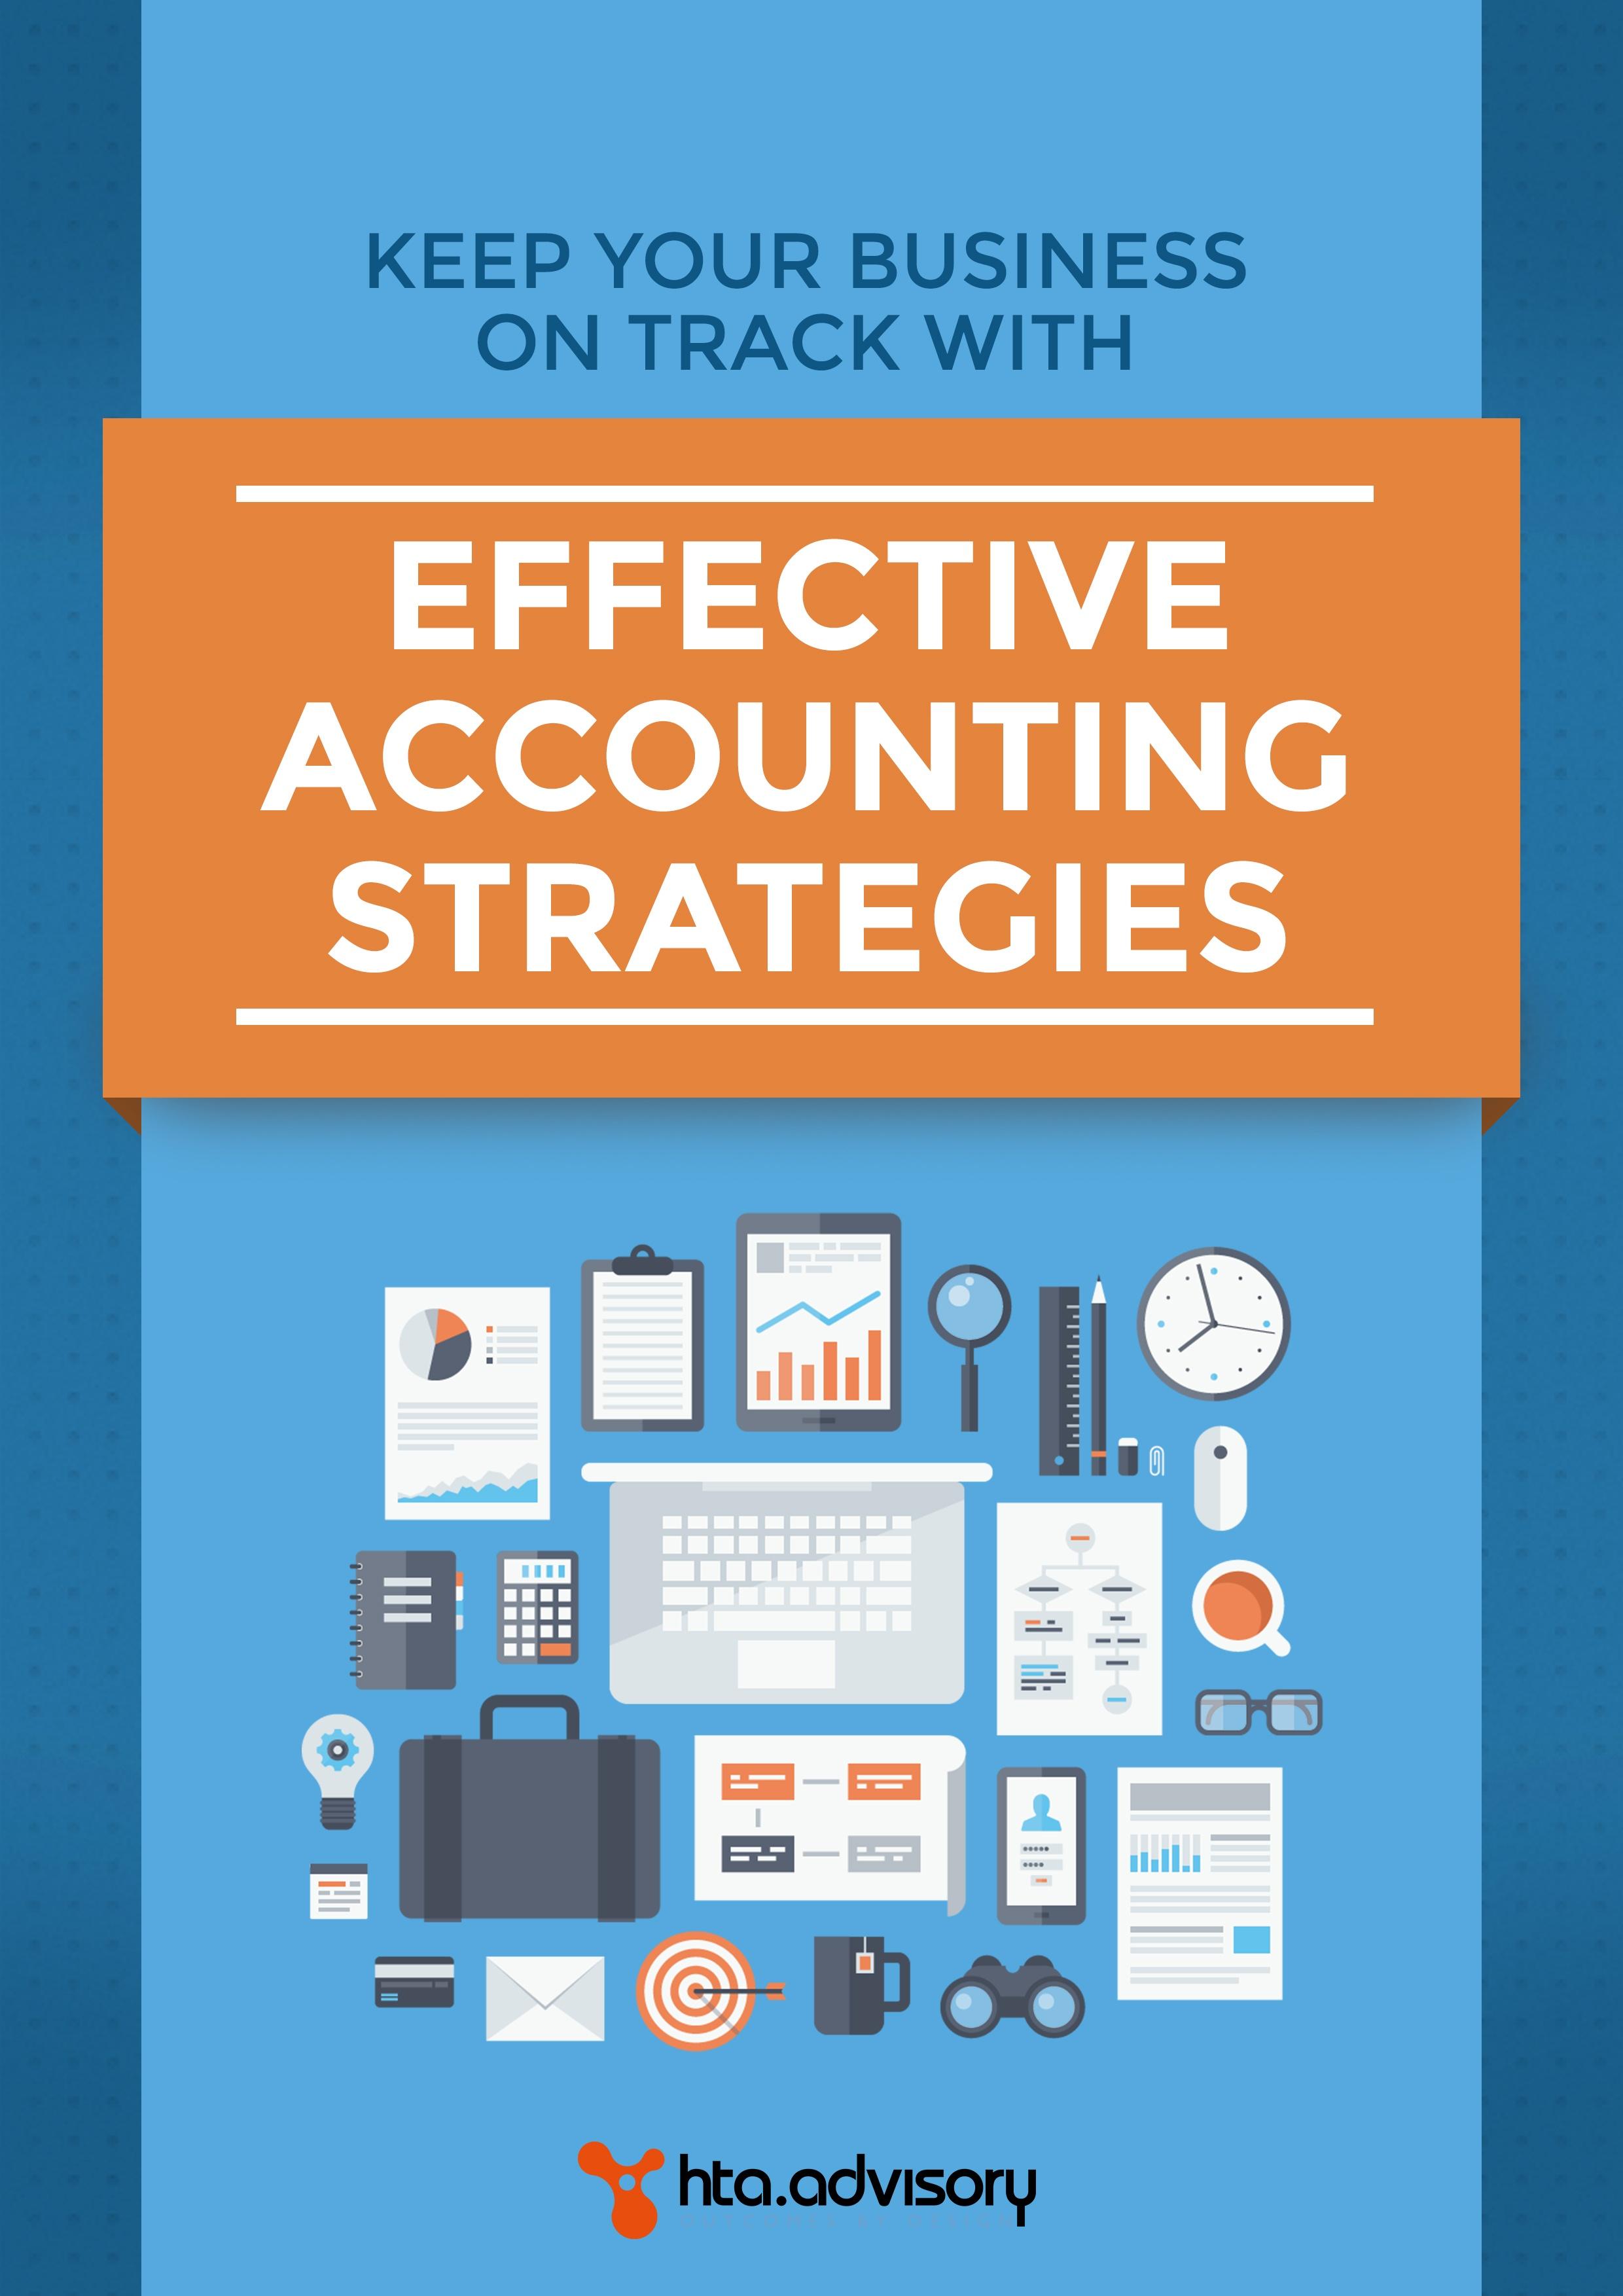 eBook_Effective-Accounting-Strategies.jpg